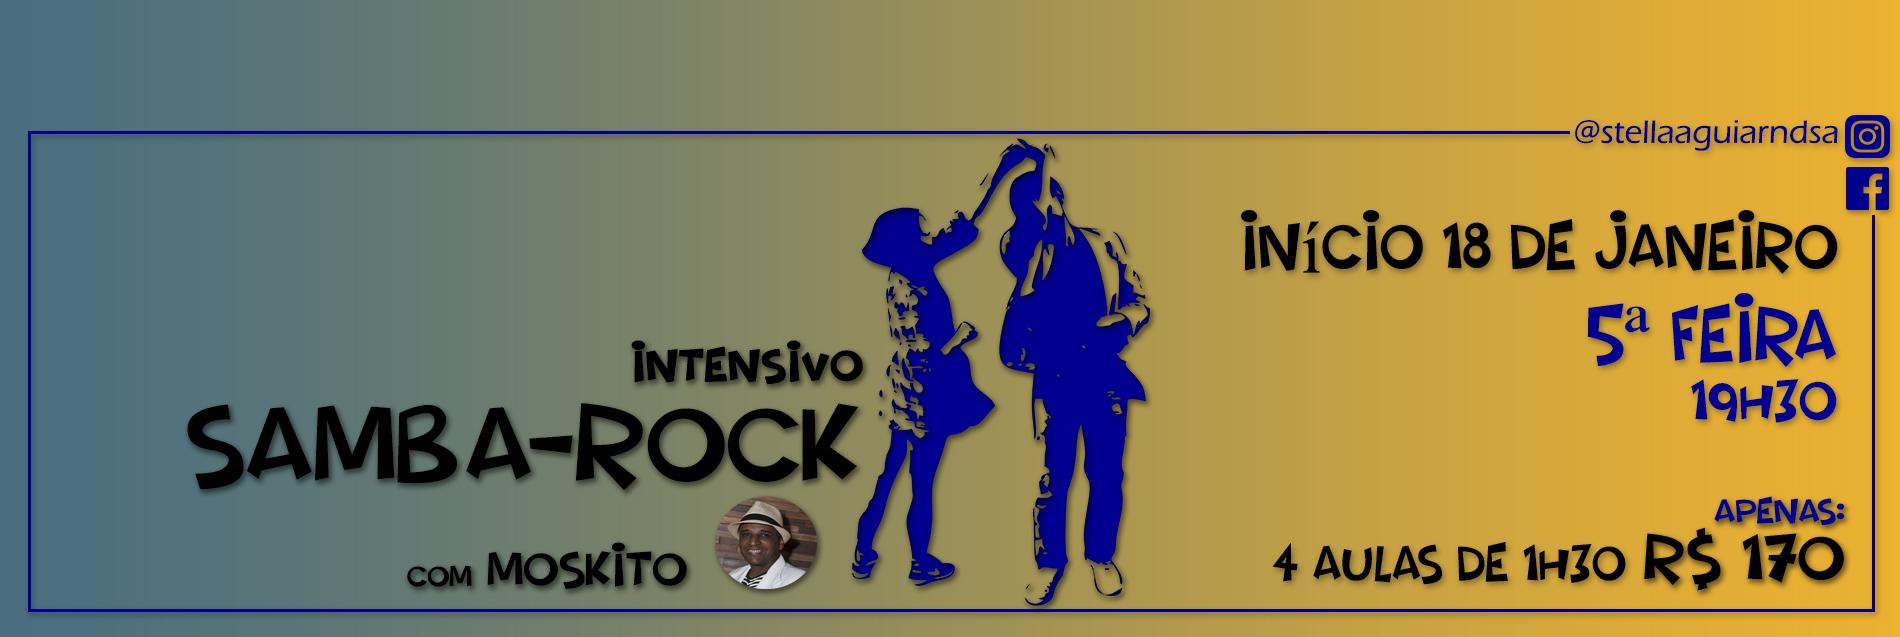 Intensivo samba-rock